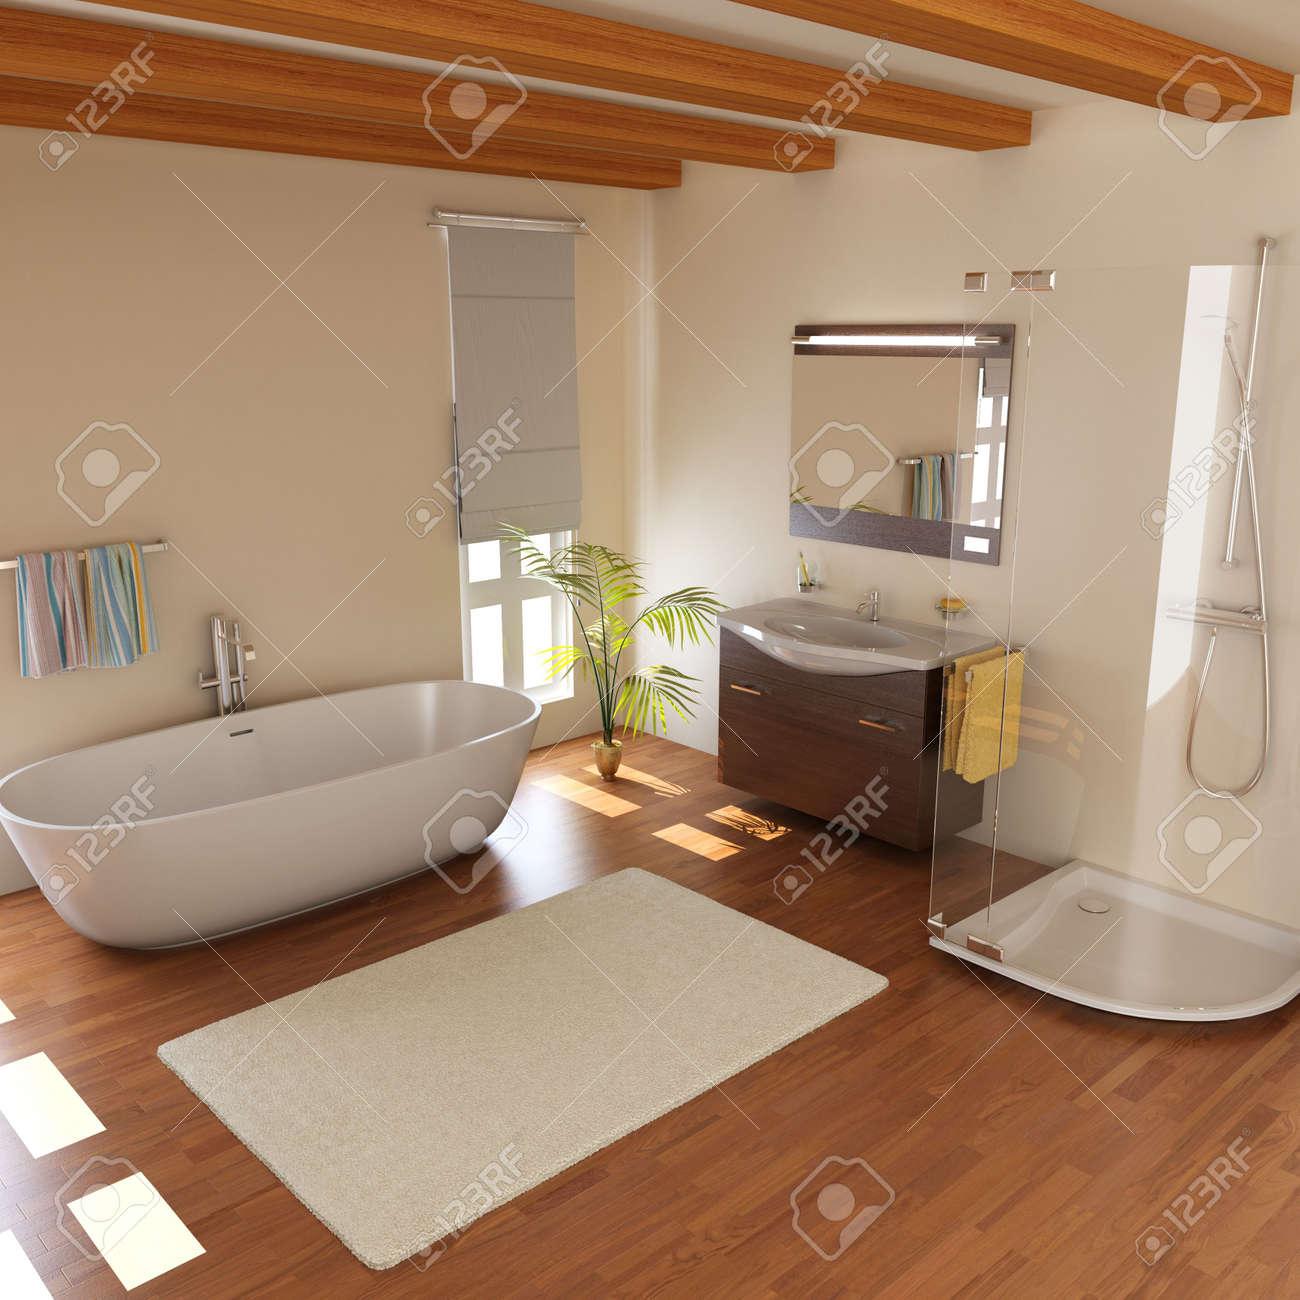 moderne badezimmer mit bathtub.3d render lizenzfreie fotos, bilder, Badezimmer ideen